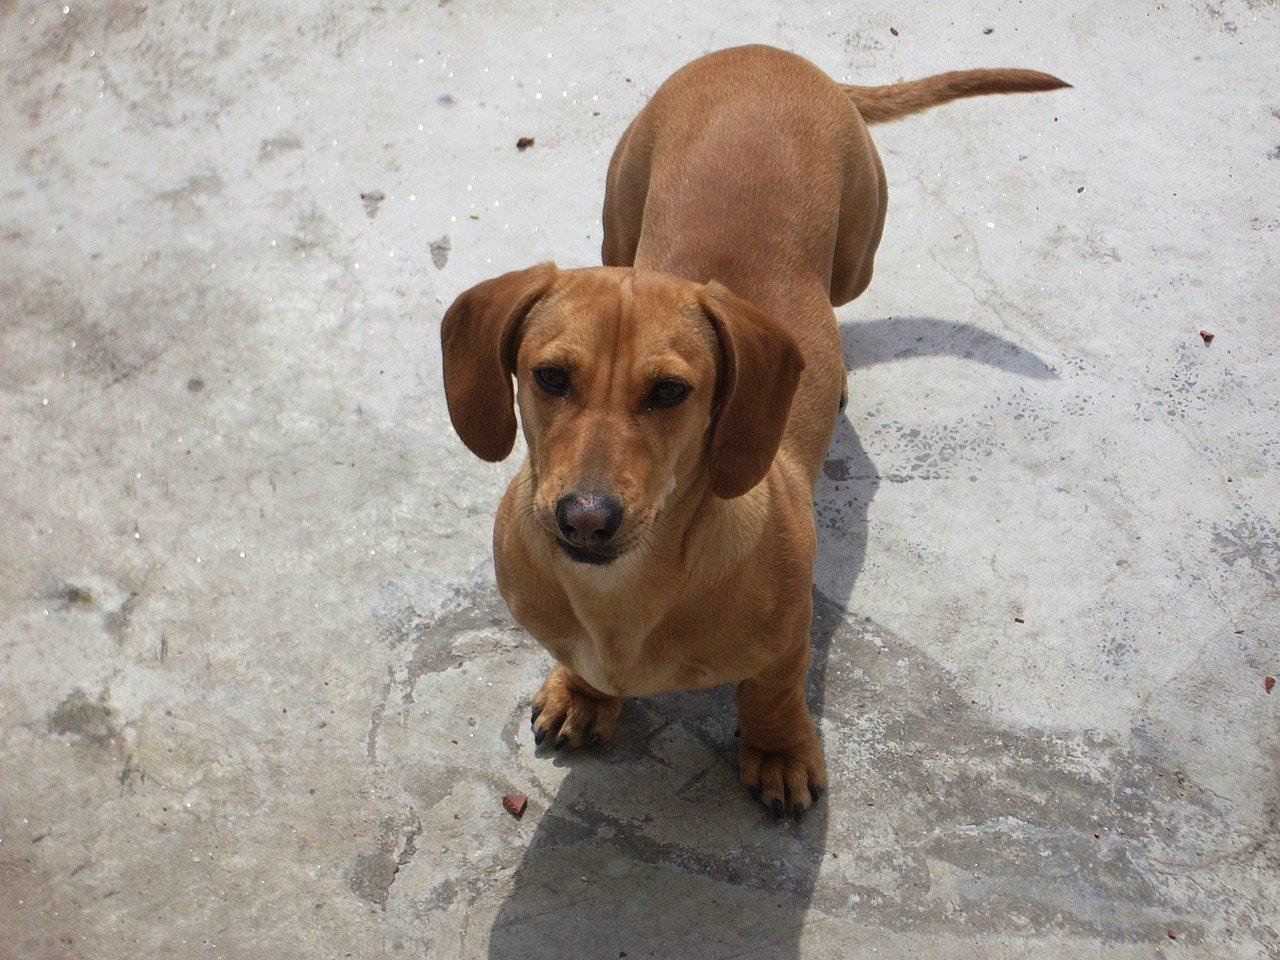 Zwierzęta domowe - quiz. Jaka to rasa psa?